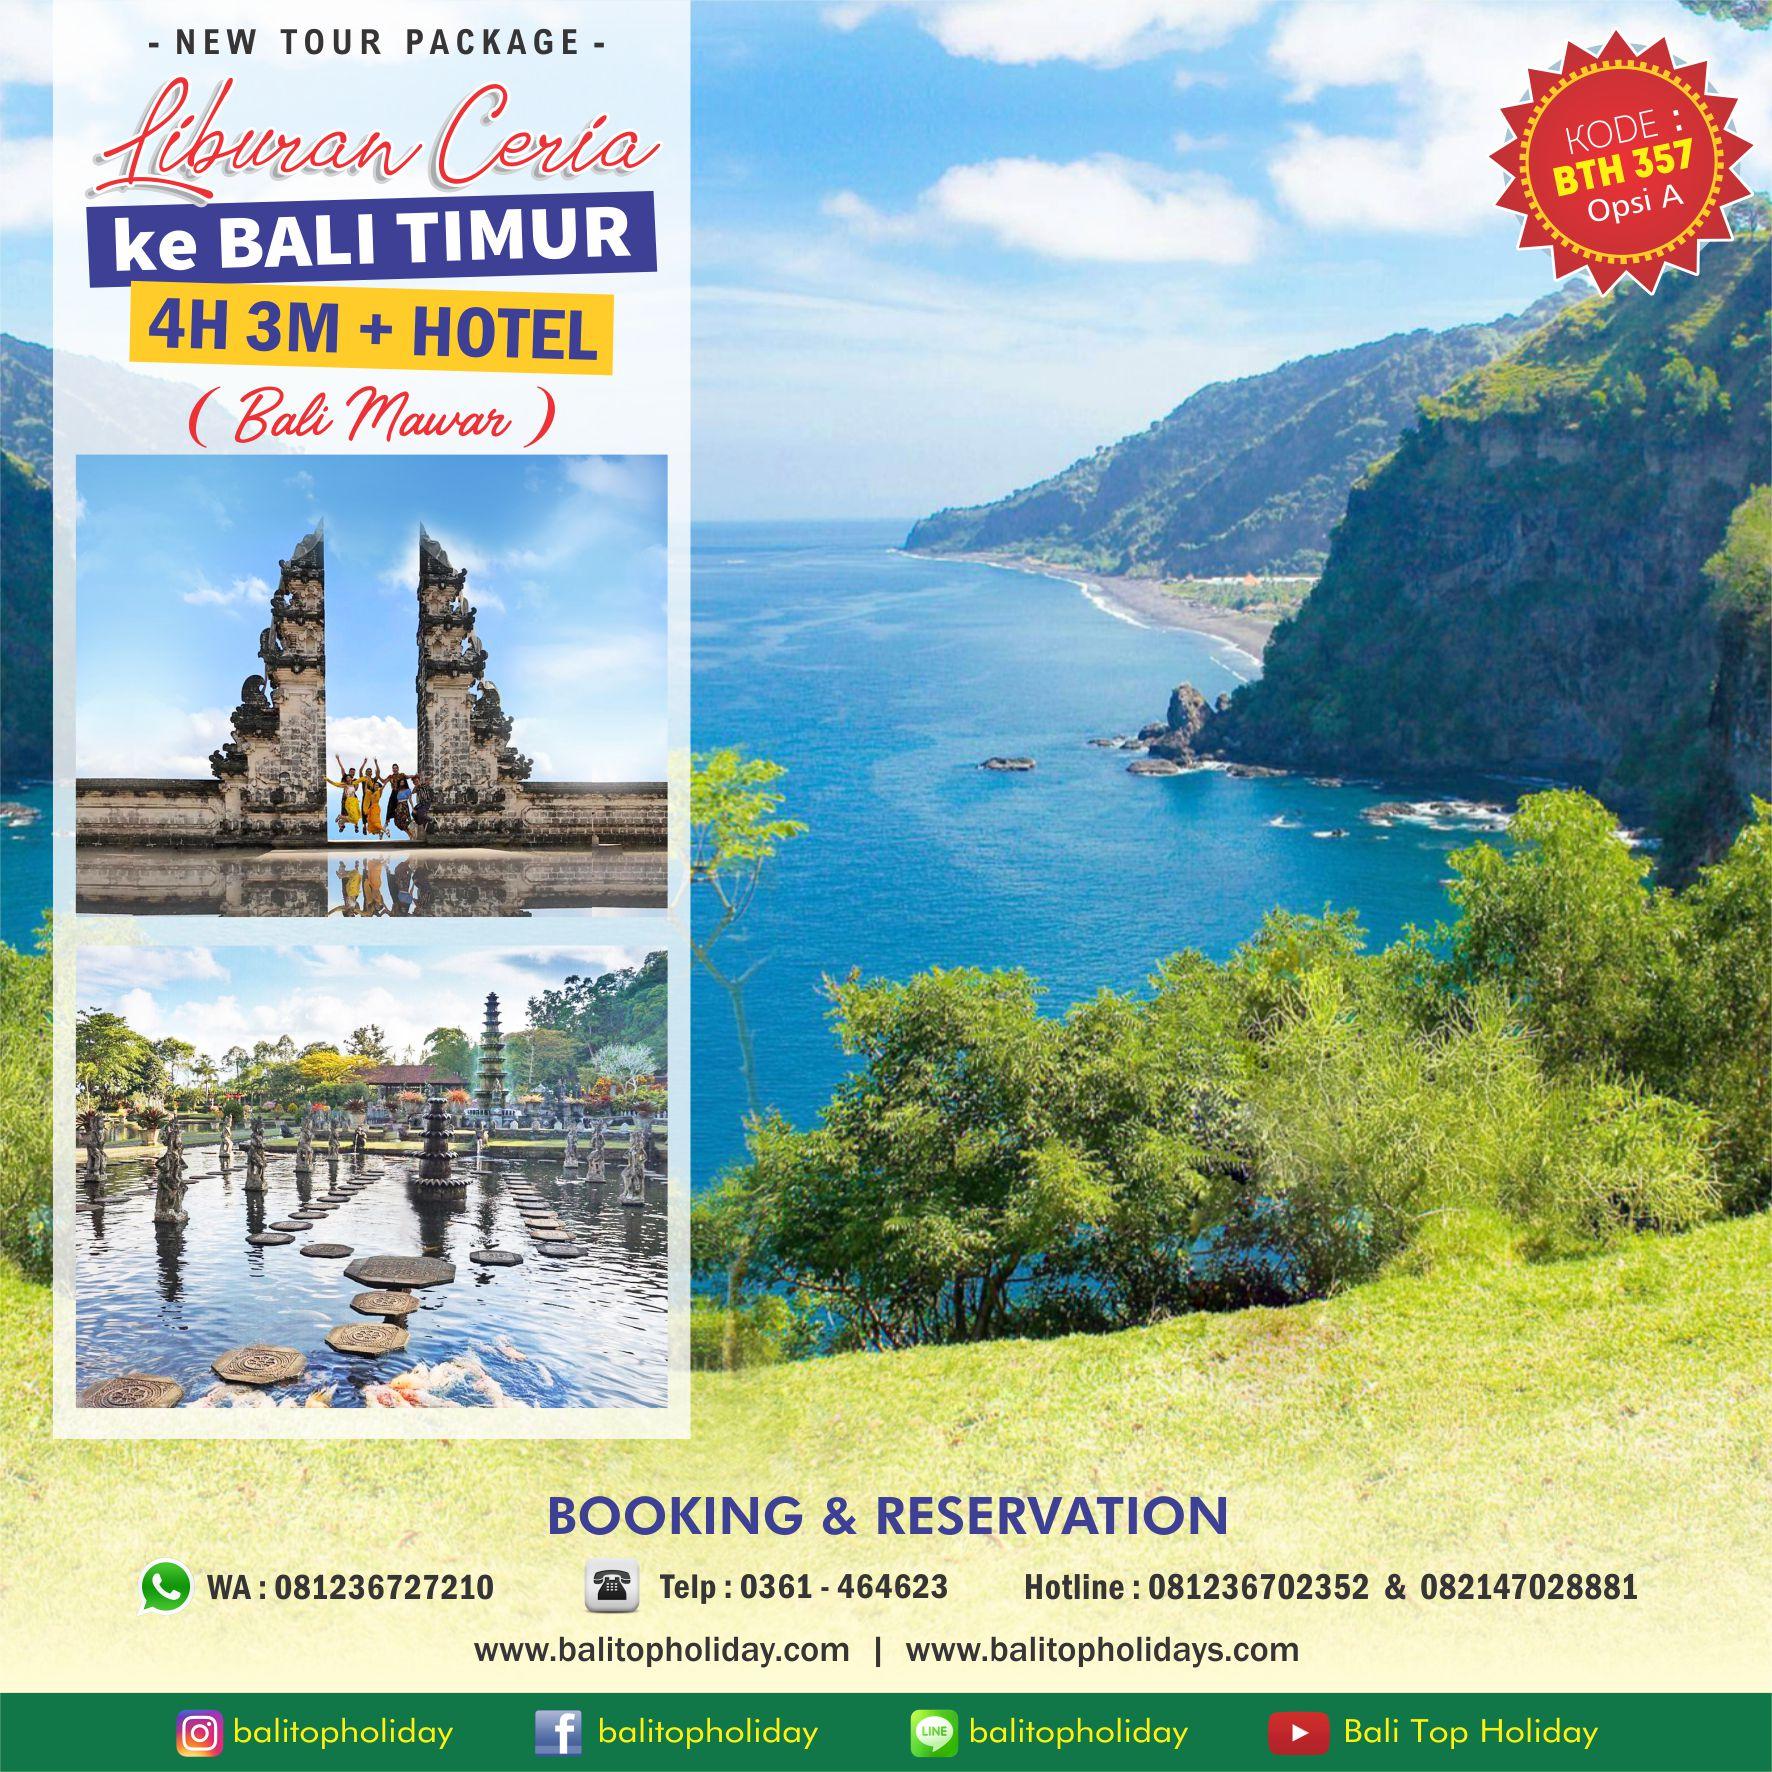 Paket Tour Bali Timur 4H/3M (Bali Mawar)